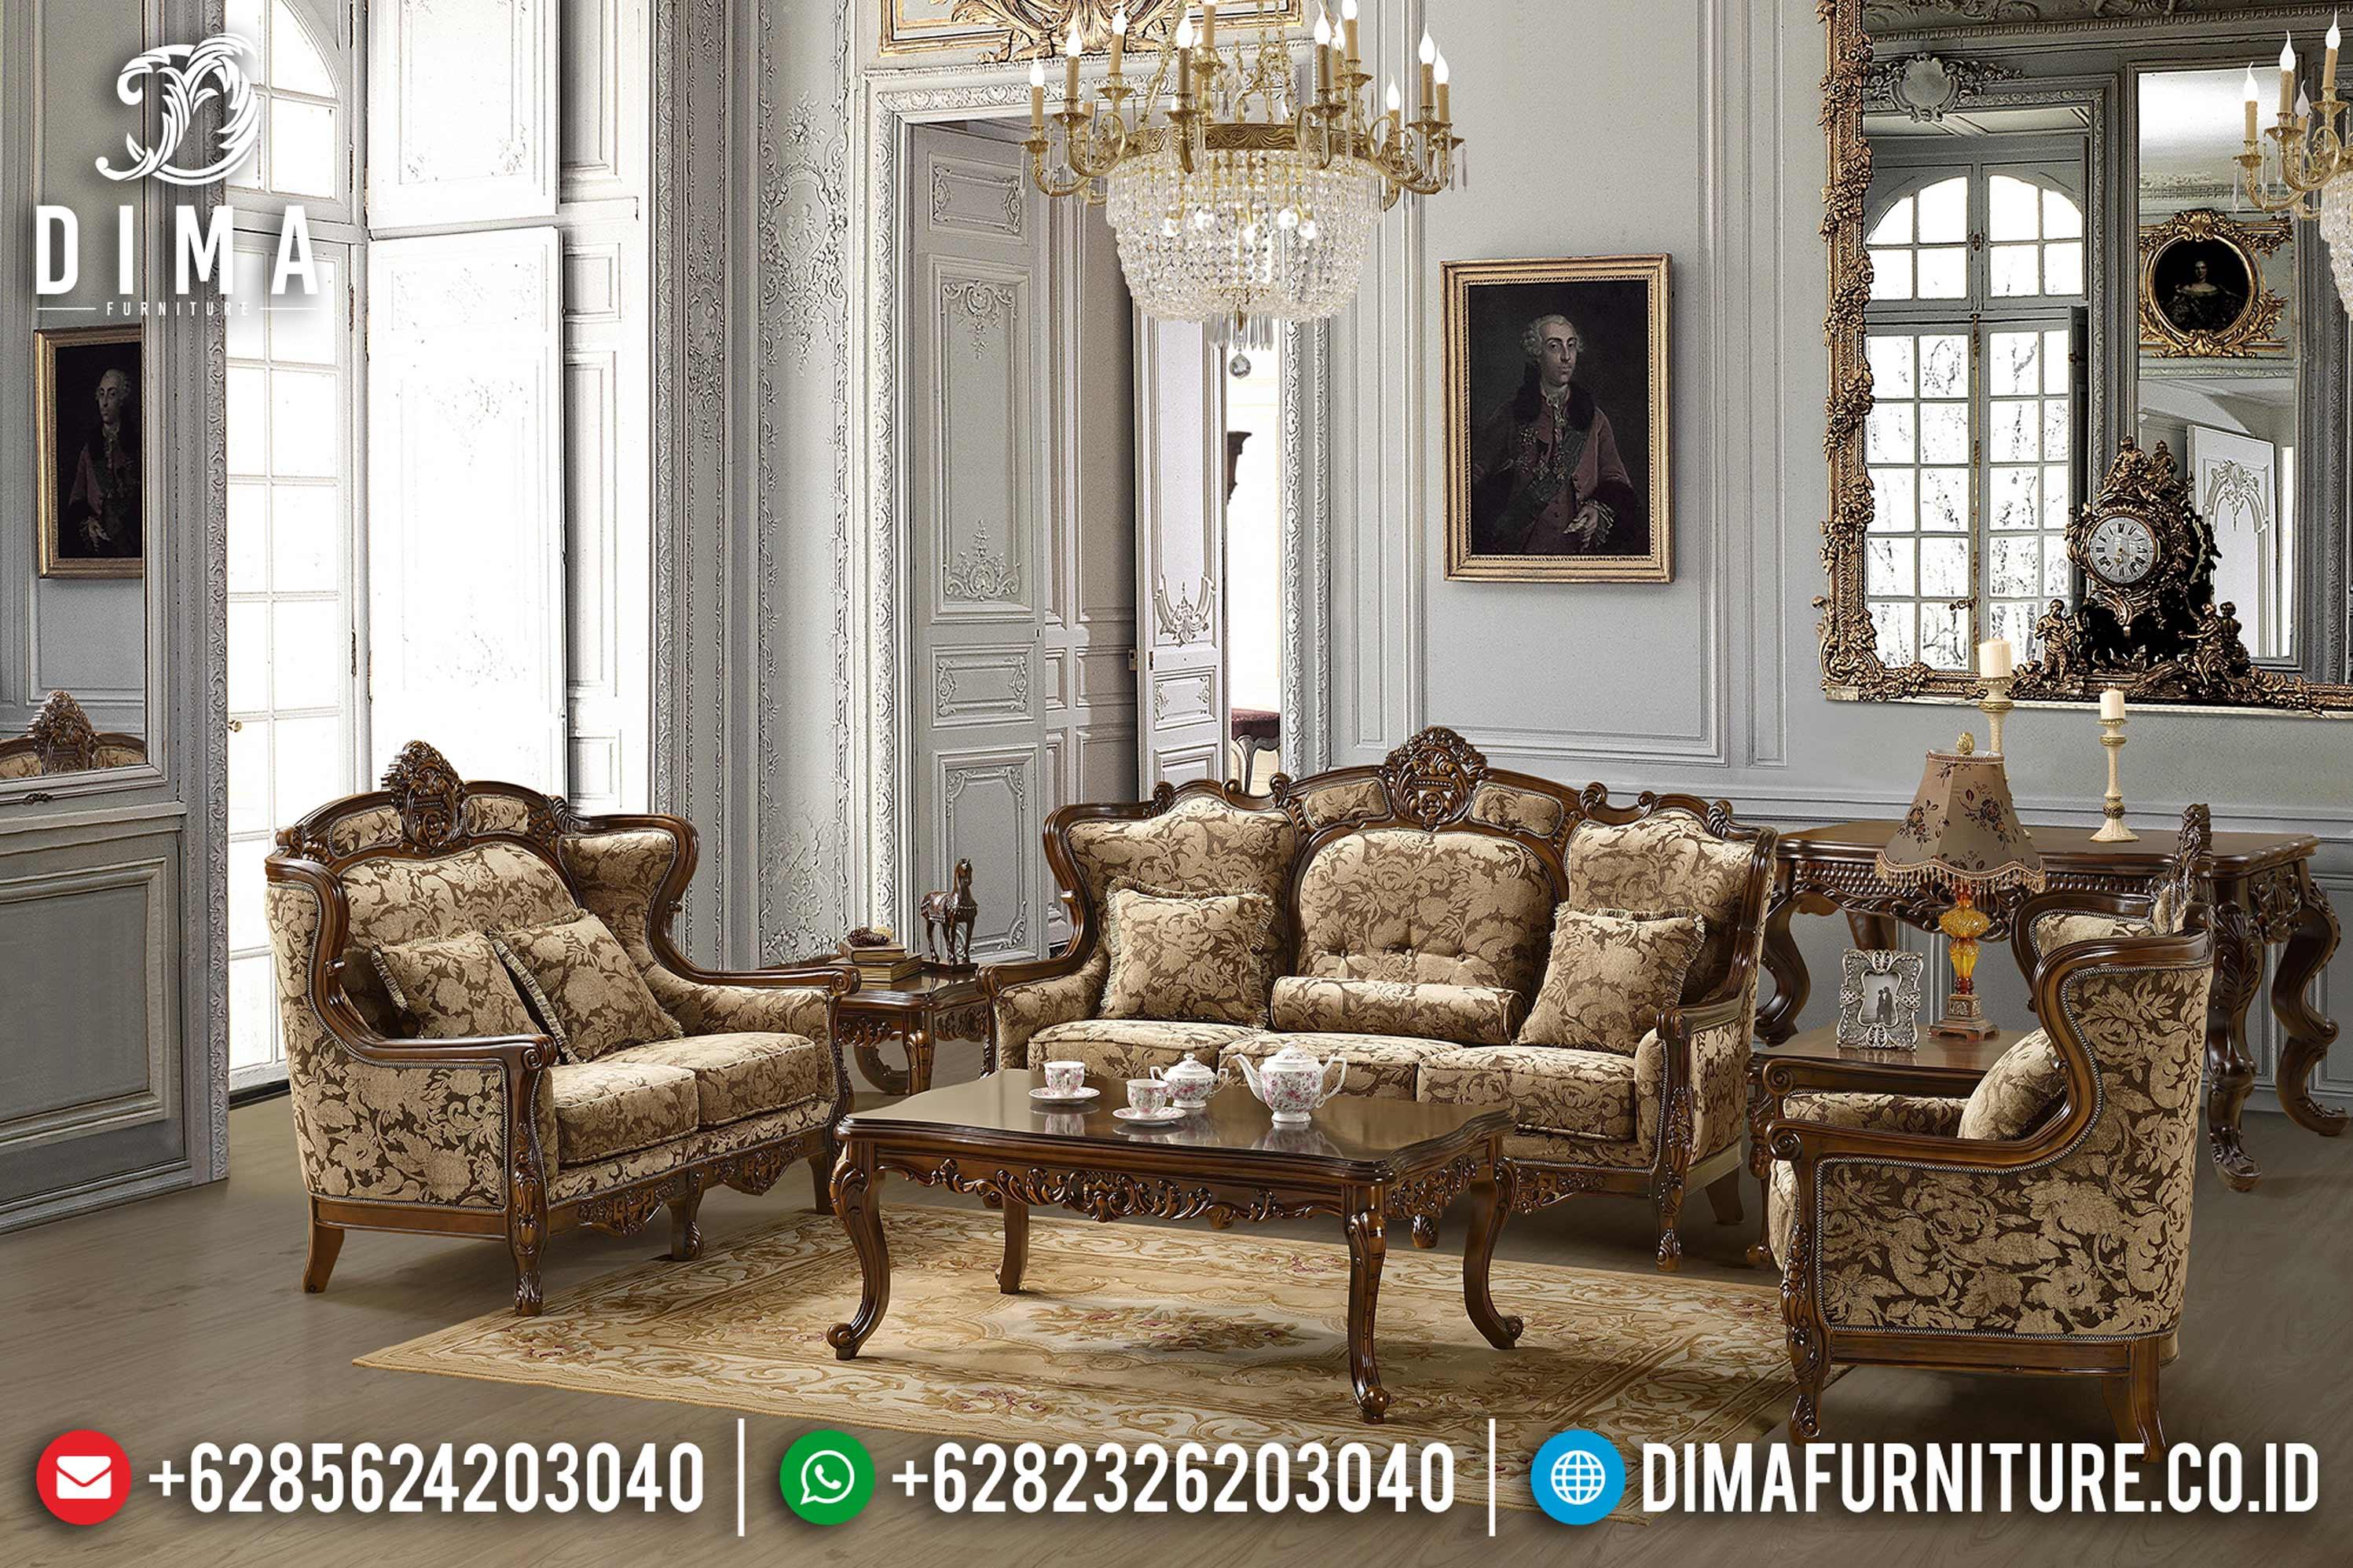 Model Sofa Tamu Jepara 2019-2020 007 Dima Furniture Jepara